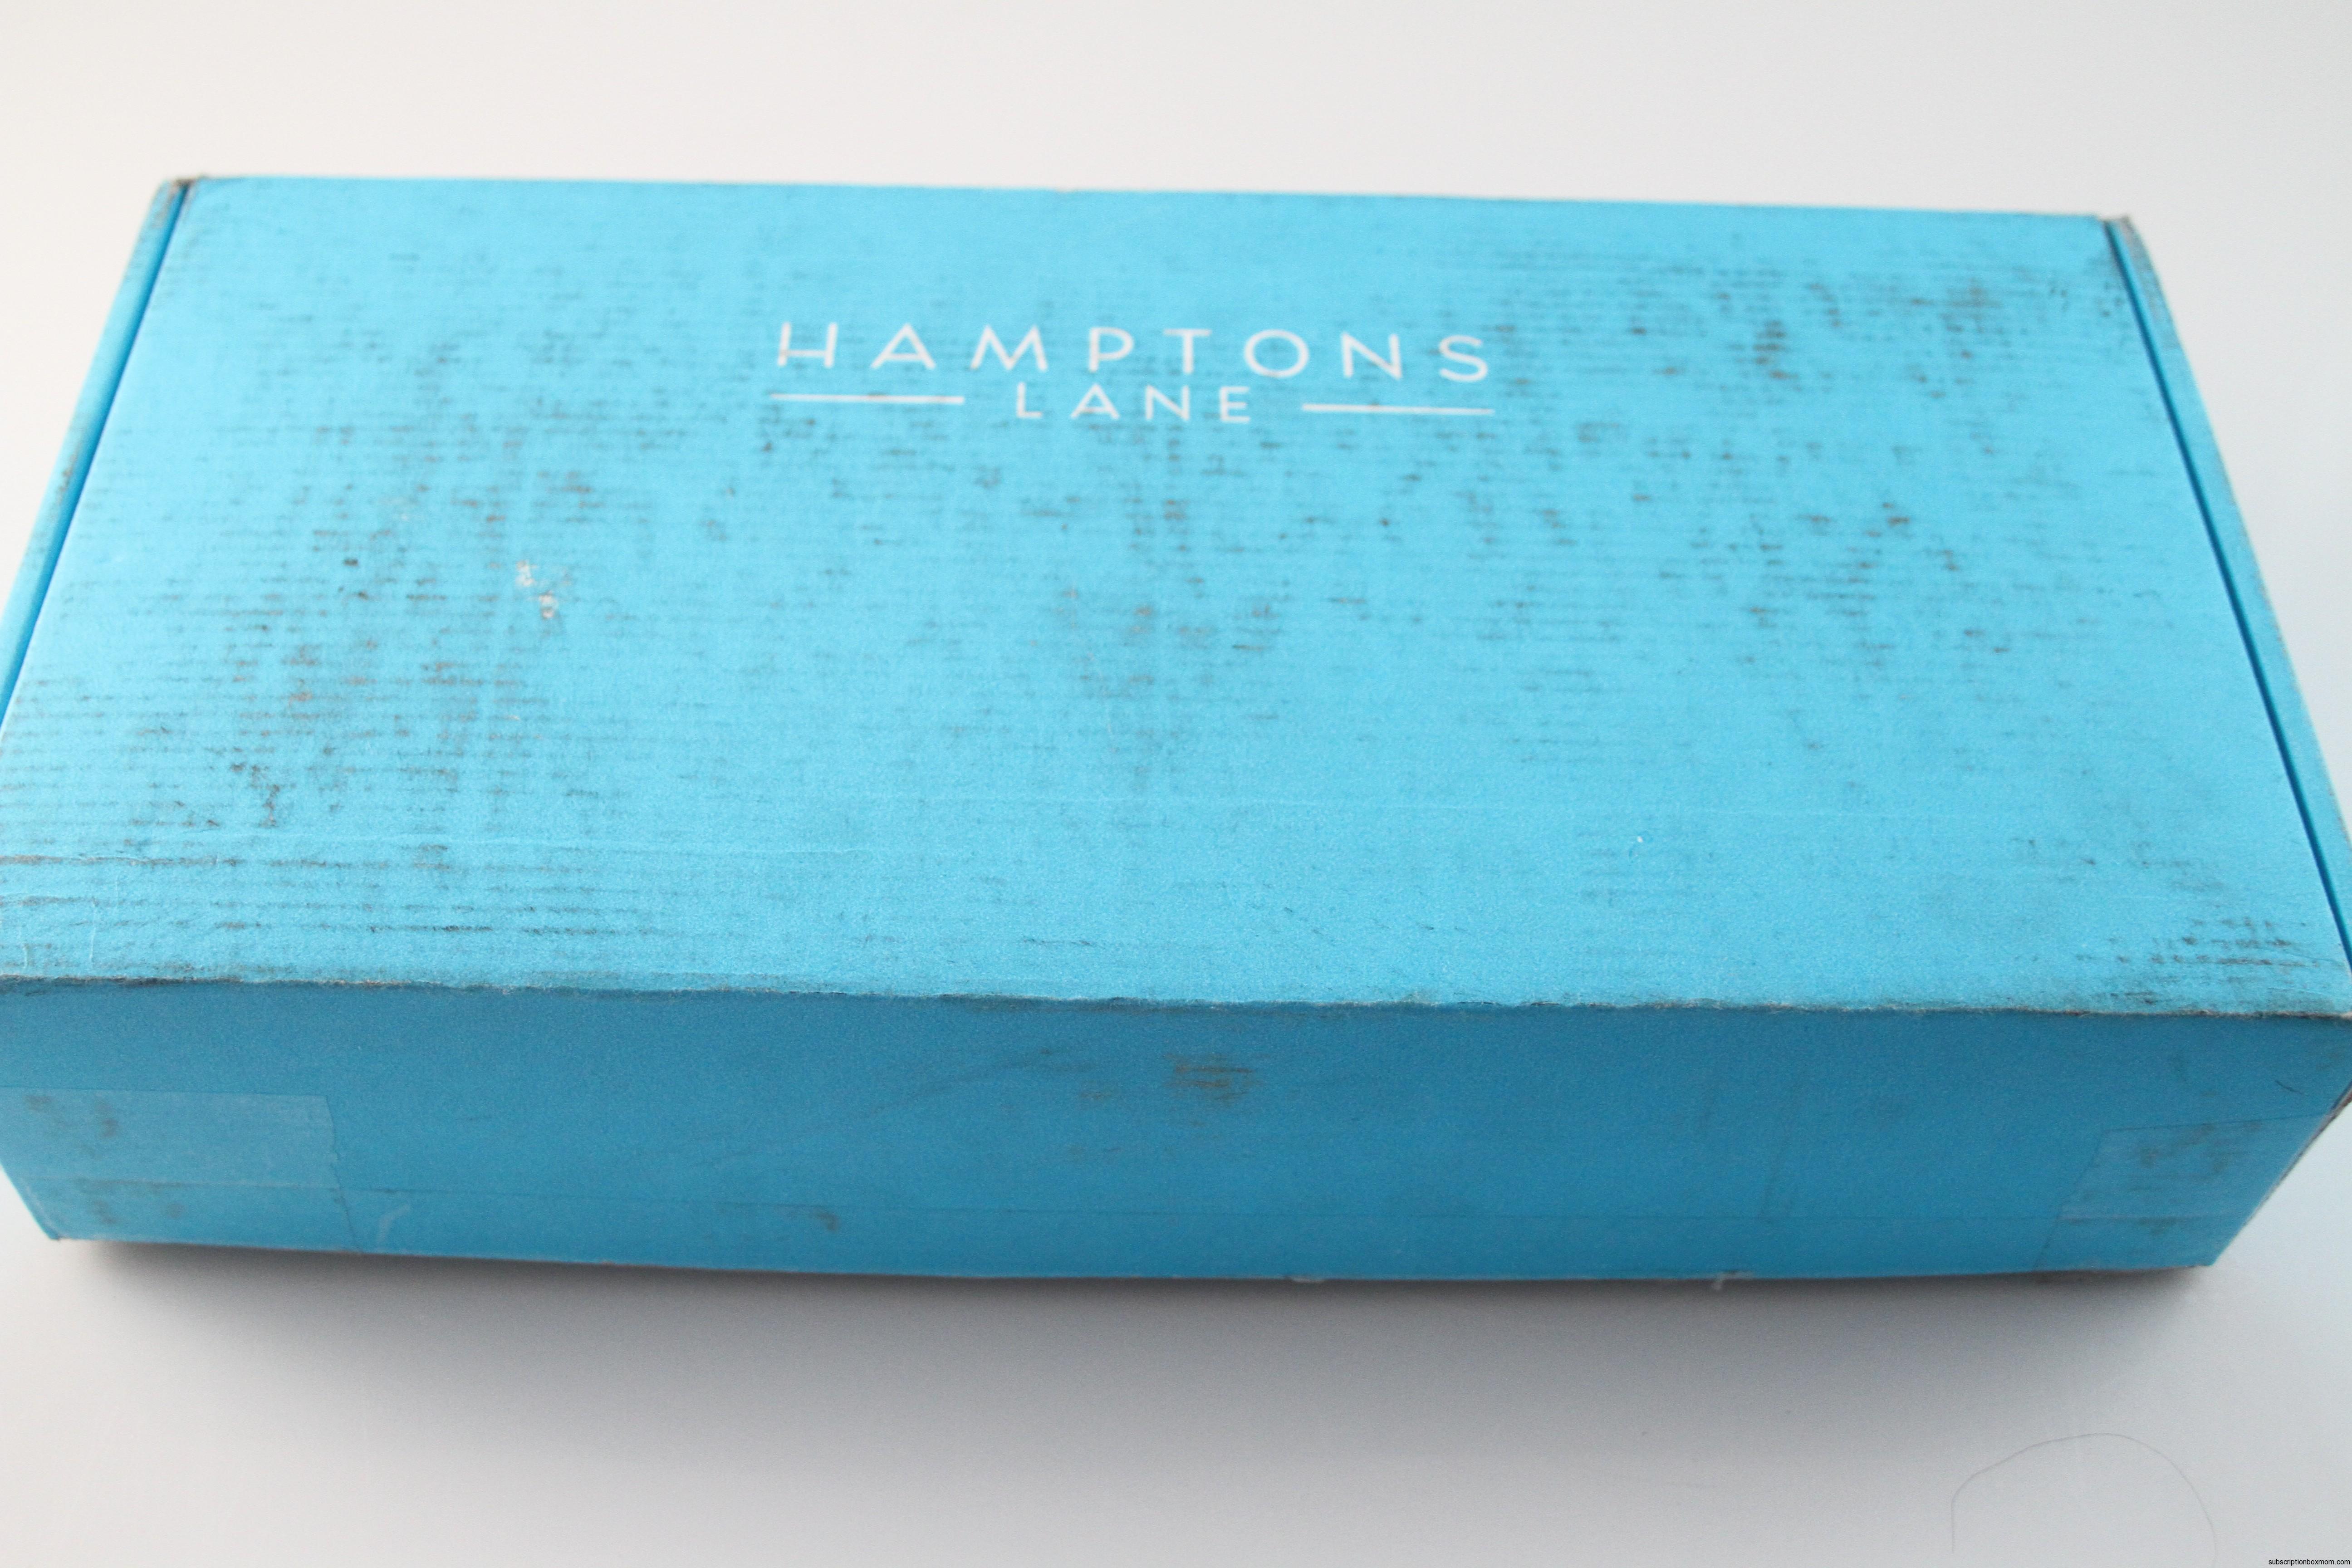 May 2014 Hamptons Lane Box - $10.00 Discount - Artisan Food Kitchen ...